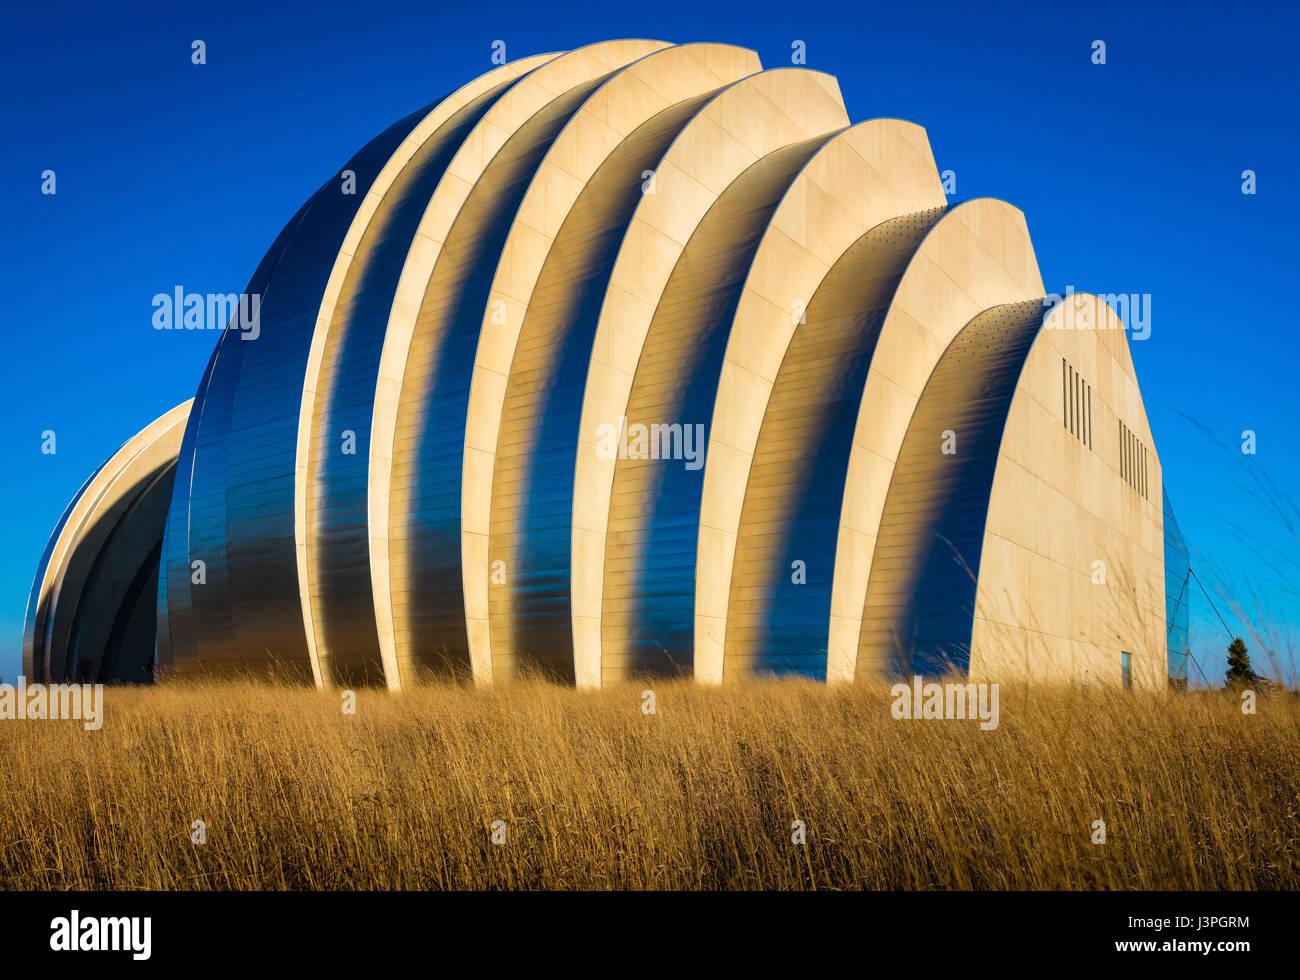 Il Kauffman Center for the Performing Arts è un performing arts center nel centro di Kansas City, Missouri, Immagini Stock